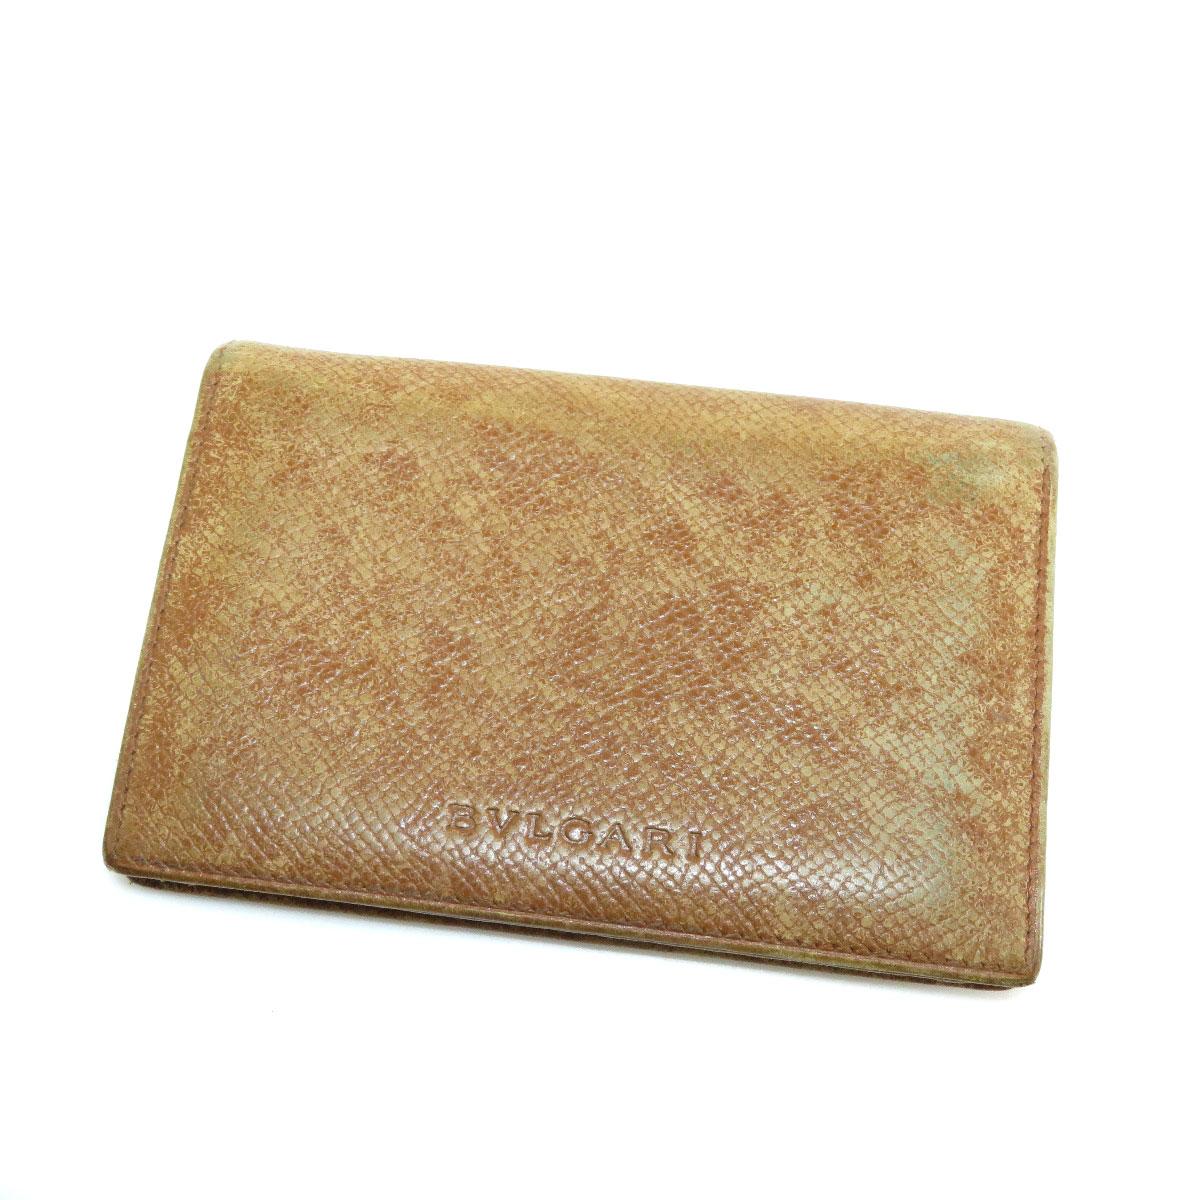 on sale 500b6 00e6b ブルガリ 名刺入れ カードケースメンズ ー 【ブラモ】欲しい ...